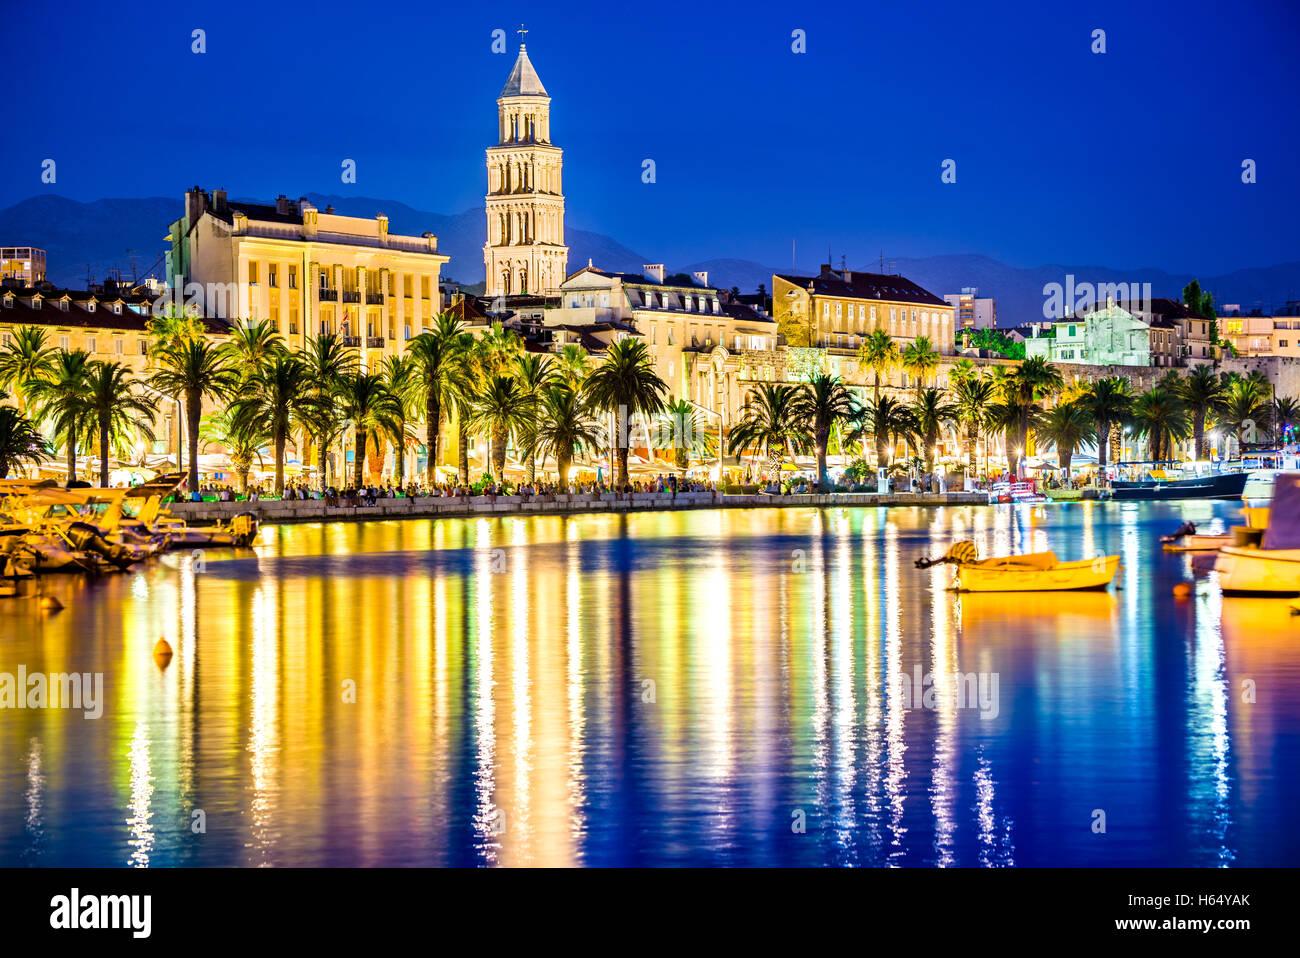 Split, Kroatien. Bunte Uferpromenade am Abend mit Diokletian-Palast und St. Domnius Cathedral, Dalmatien. Stockbild